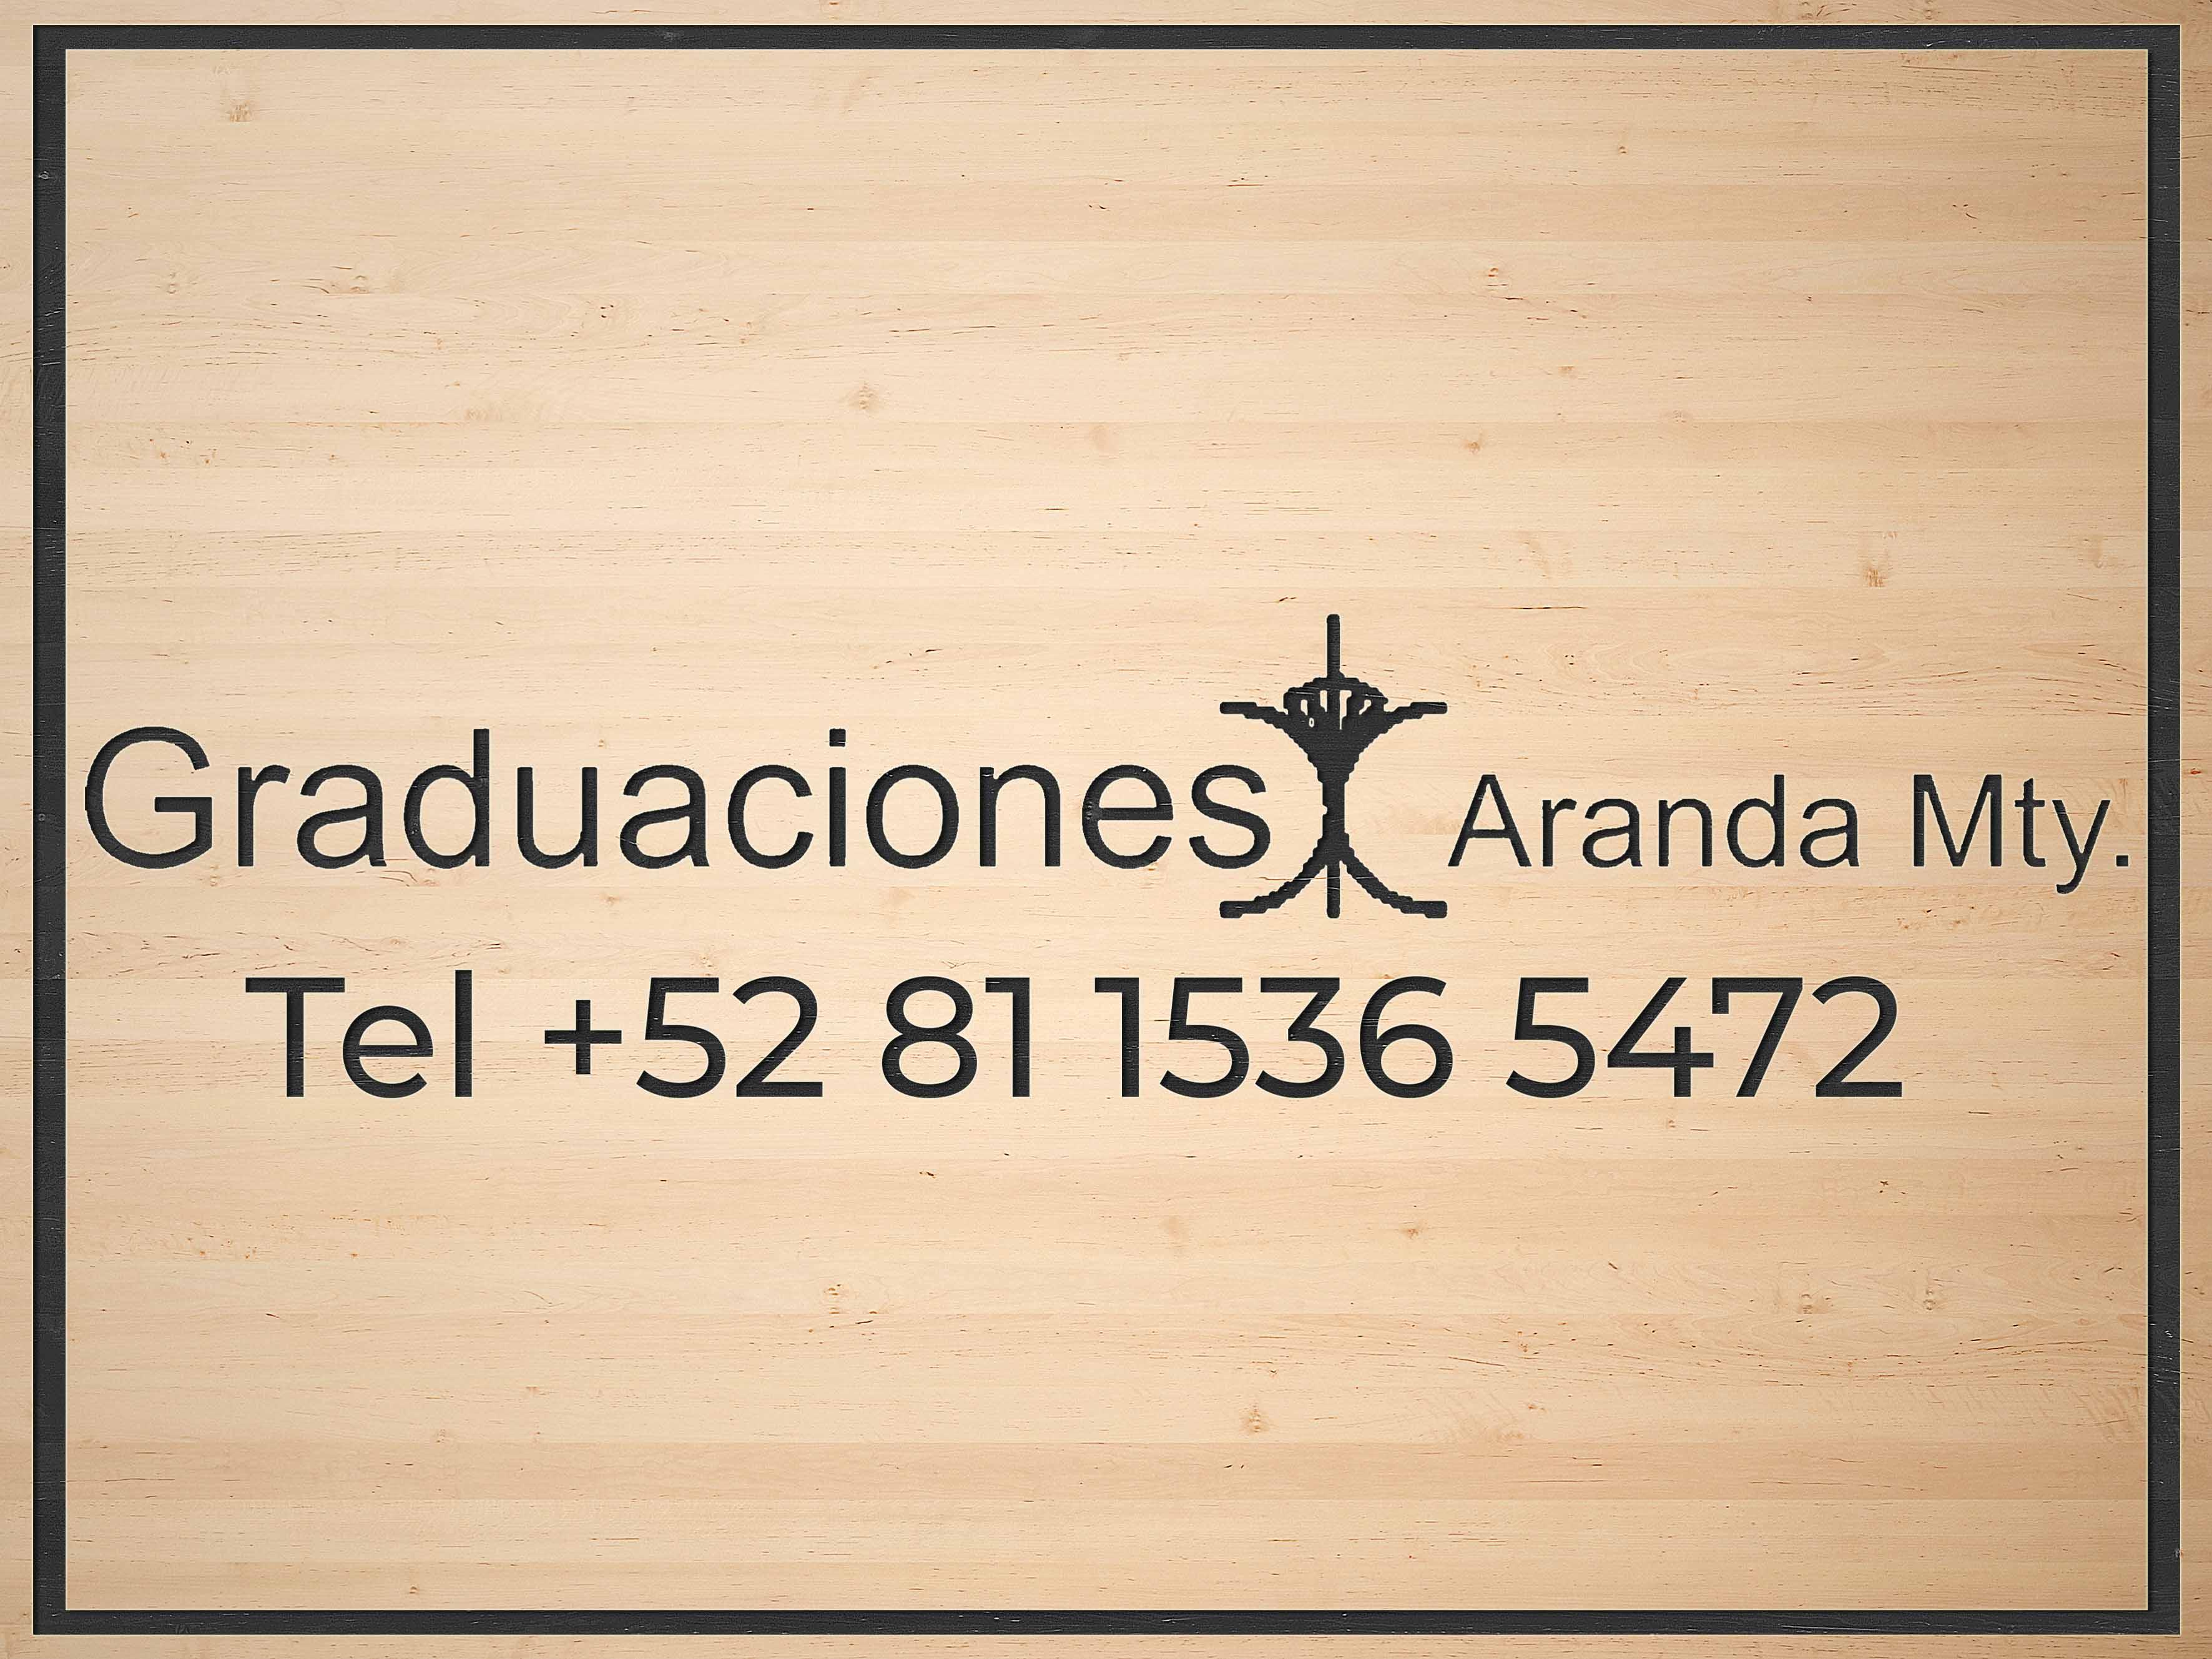 Graduaciones Aranda - Amigos Maderos